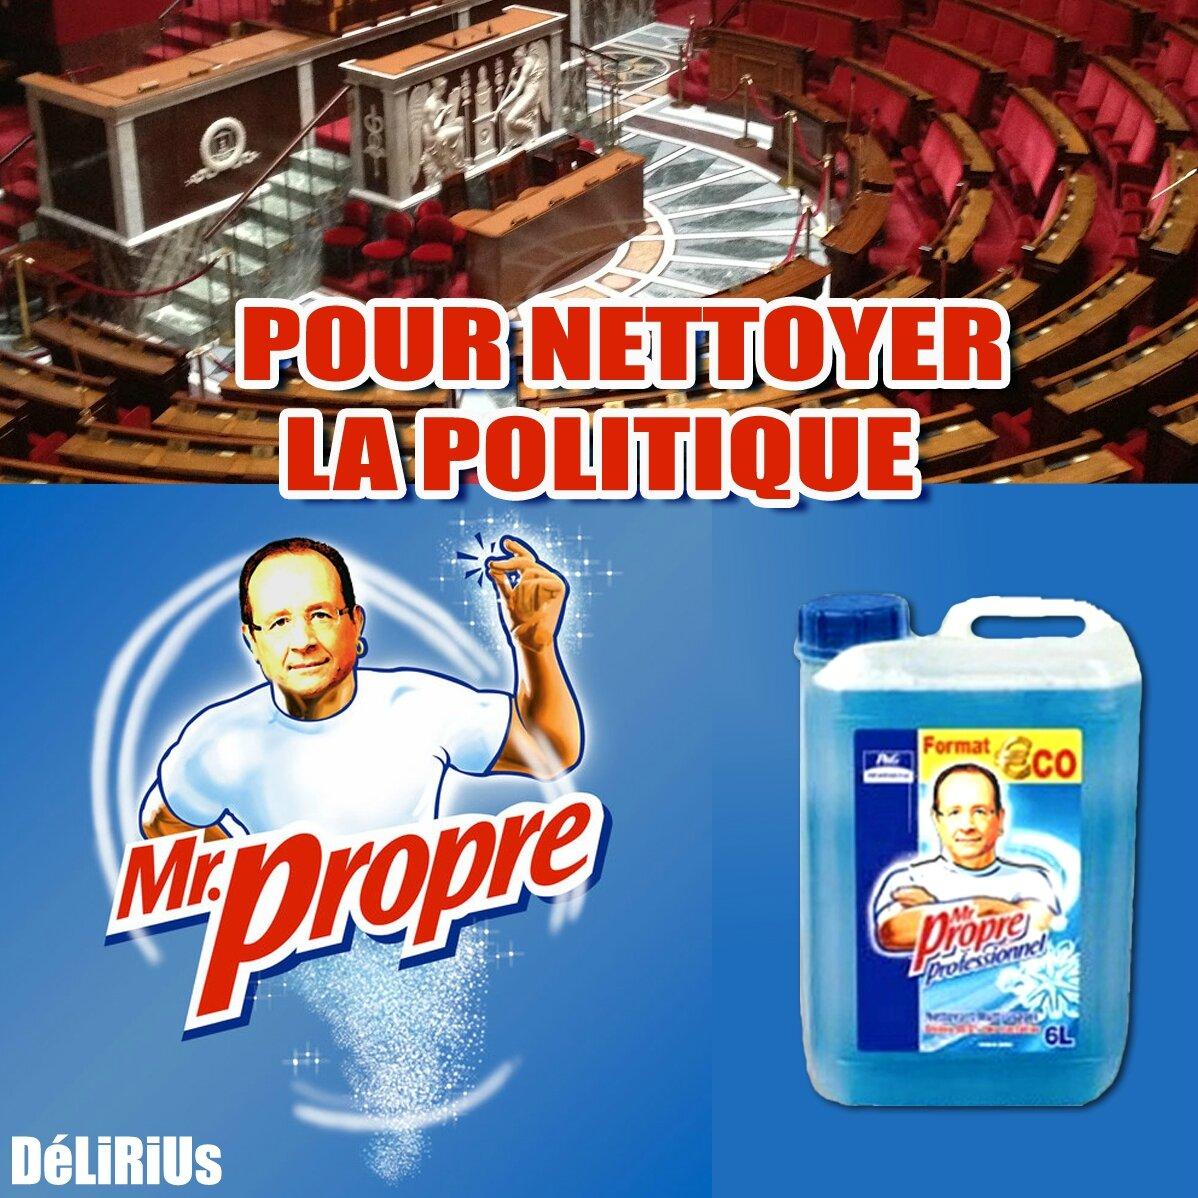 Mr Propre DéLiRiUs